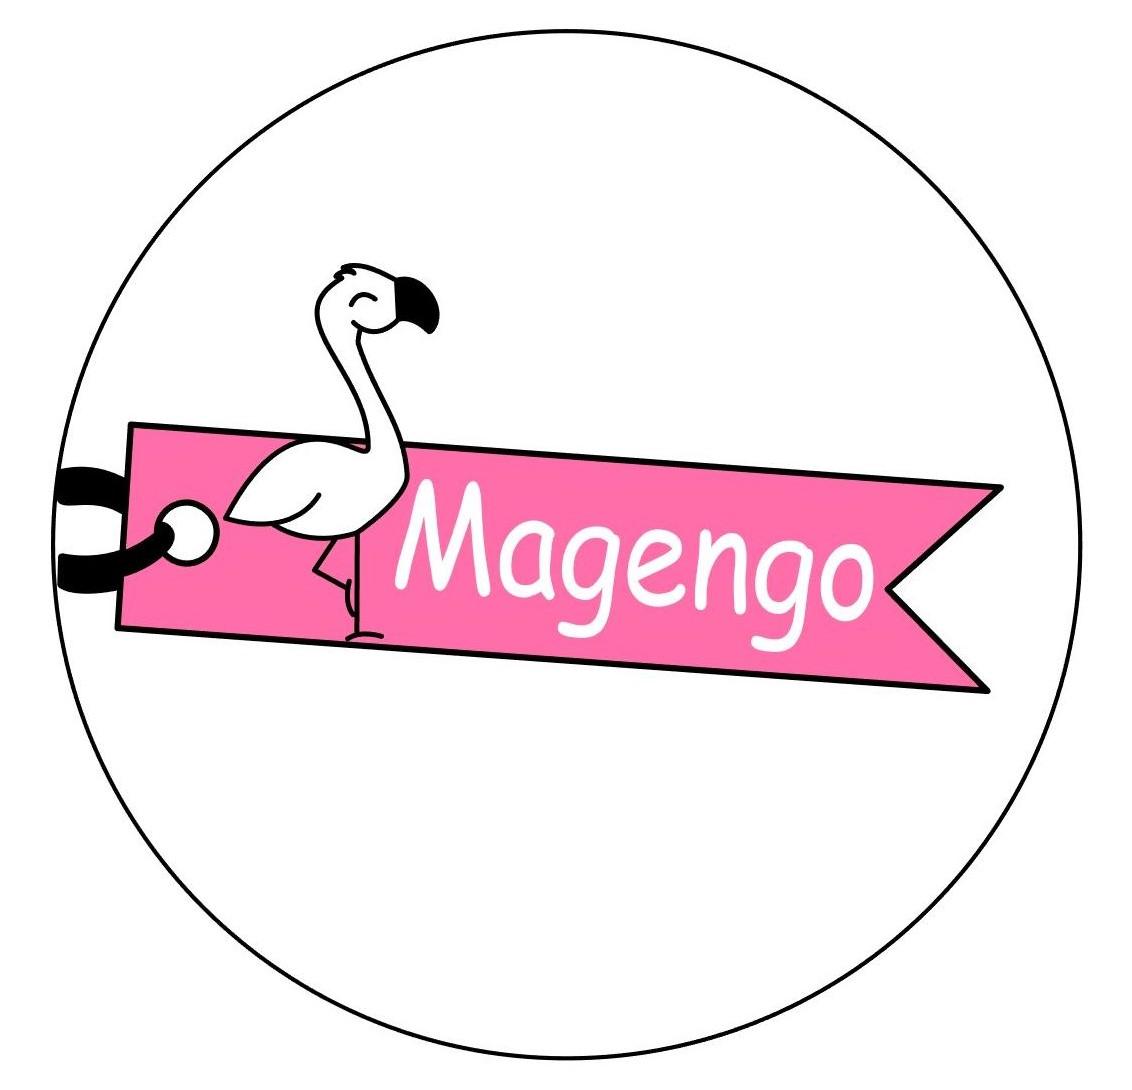 ♥ Ich bin im Design Team von Magengodesigns ♥